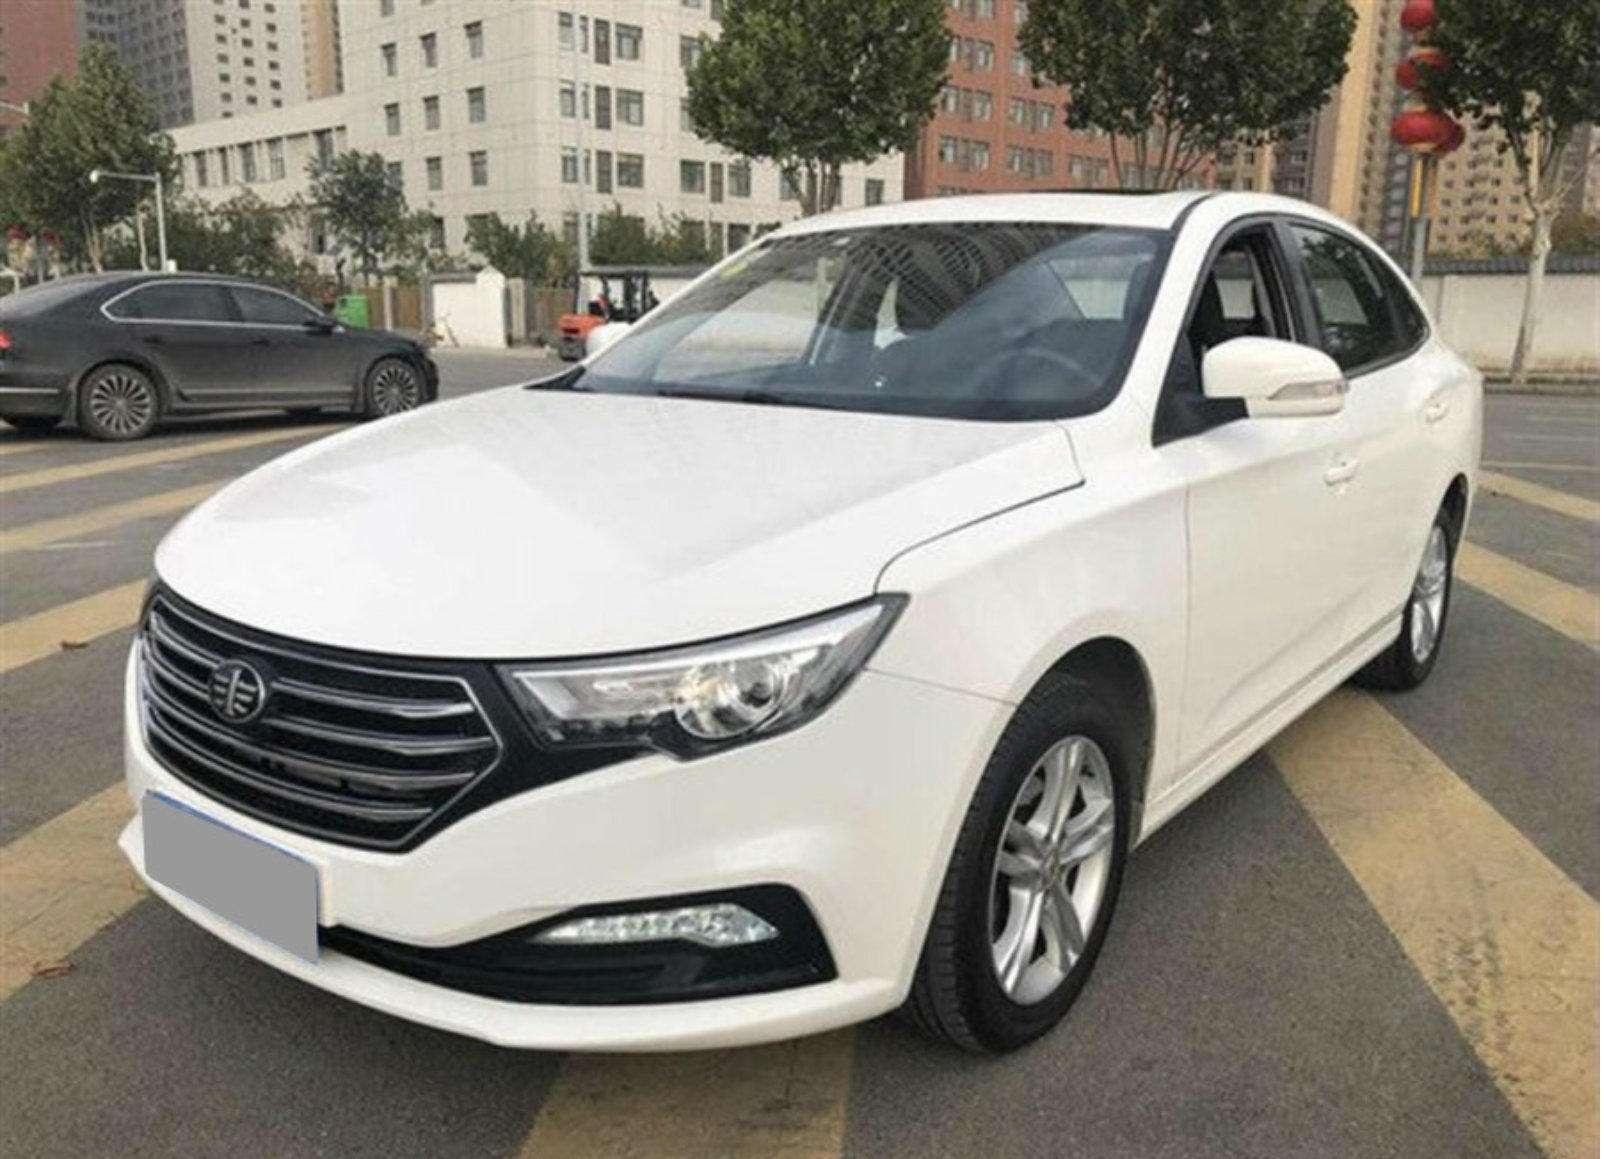 中國第一汽車集團公司召回部分奔騰B30汽車